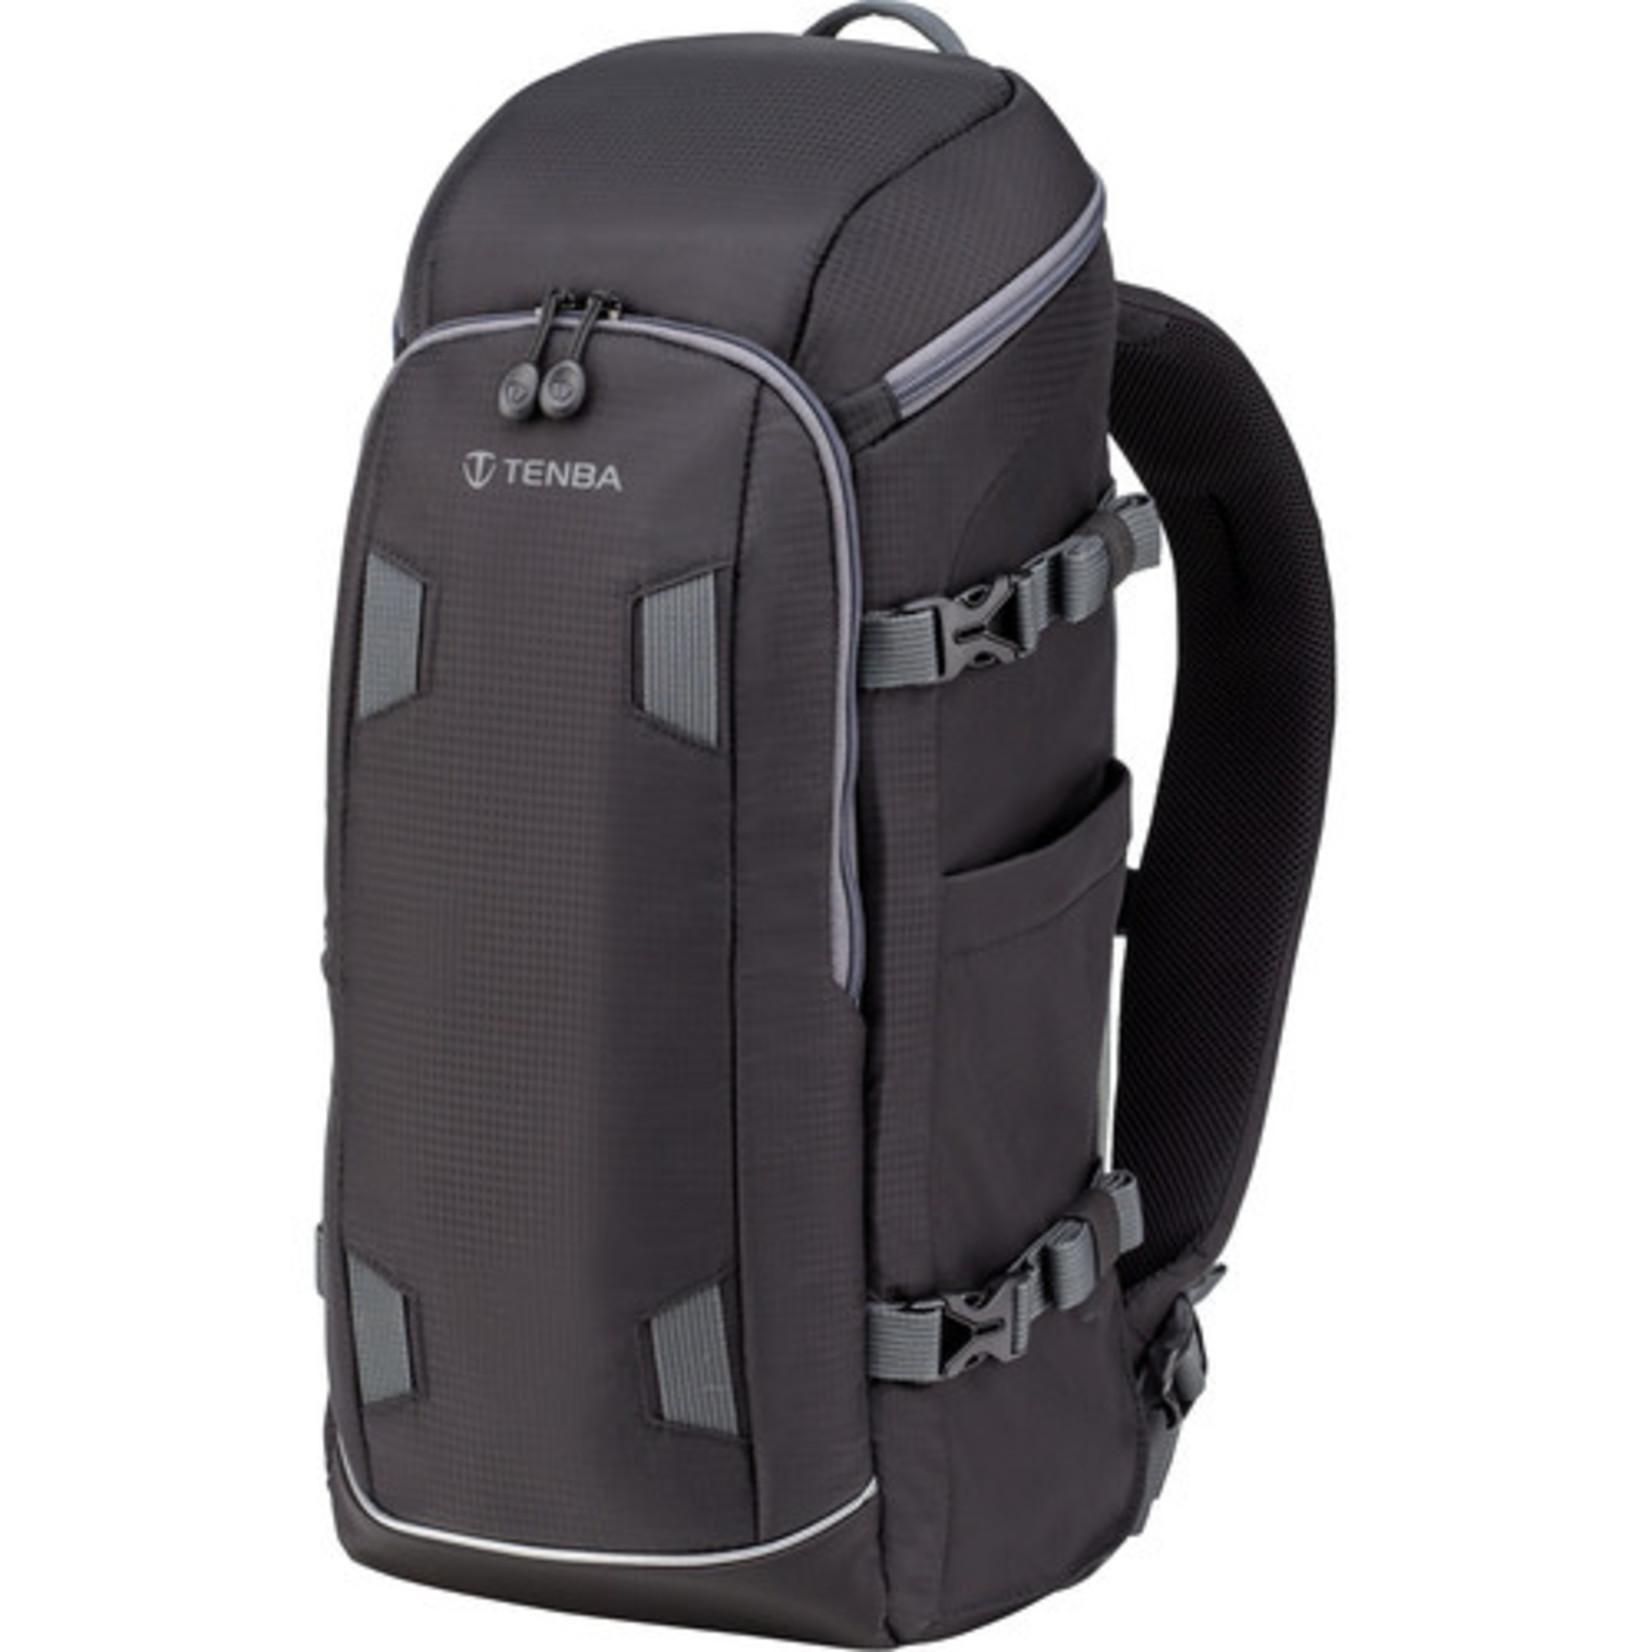 Tenba Tenba Solstice 12L Camera Backpack (Black)